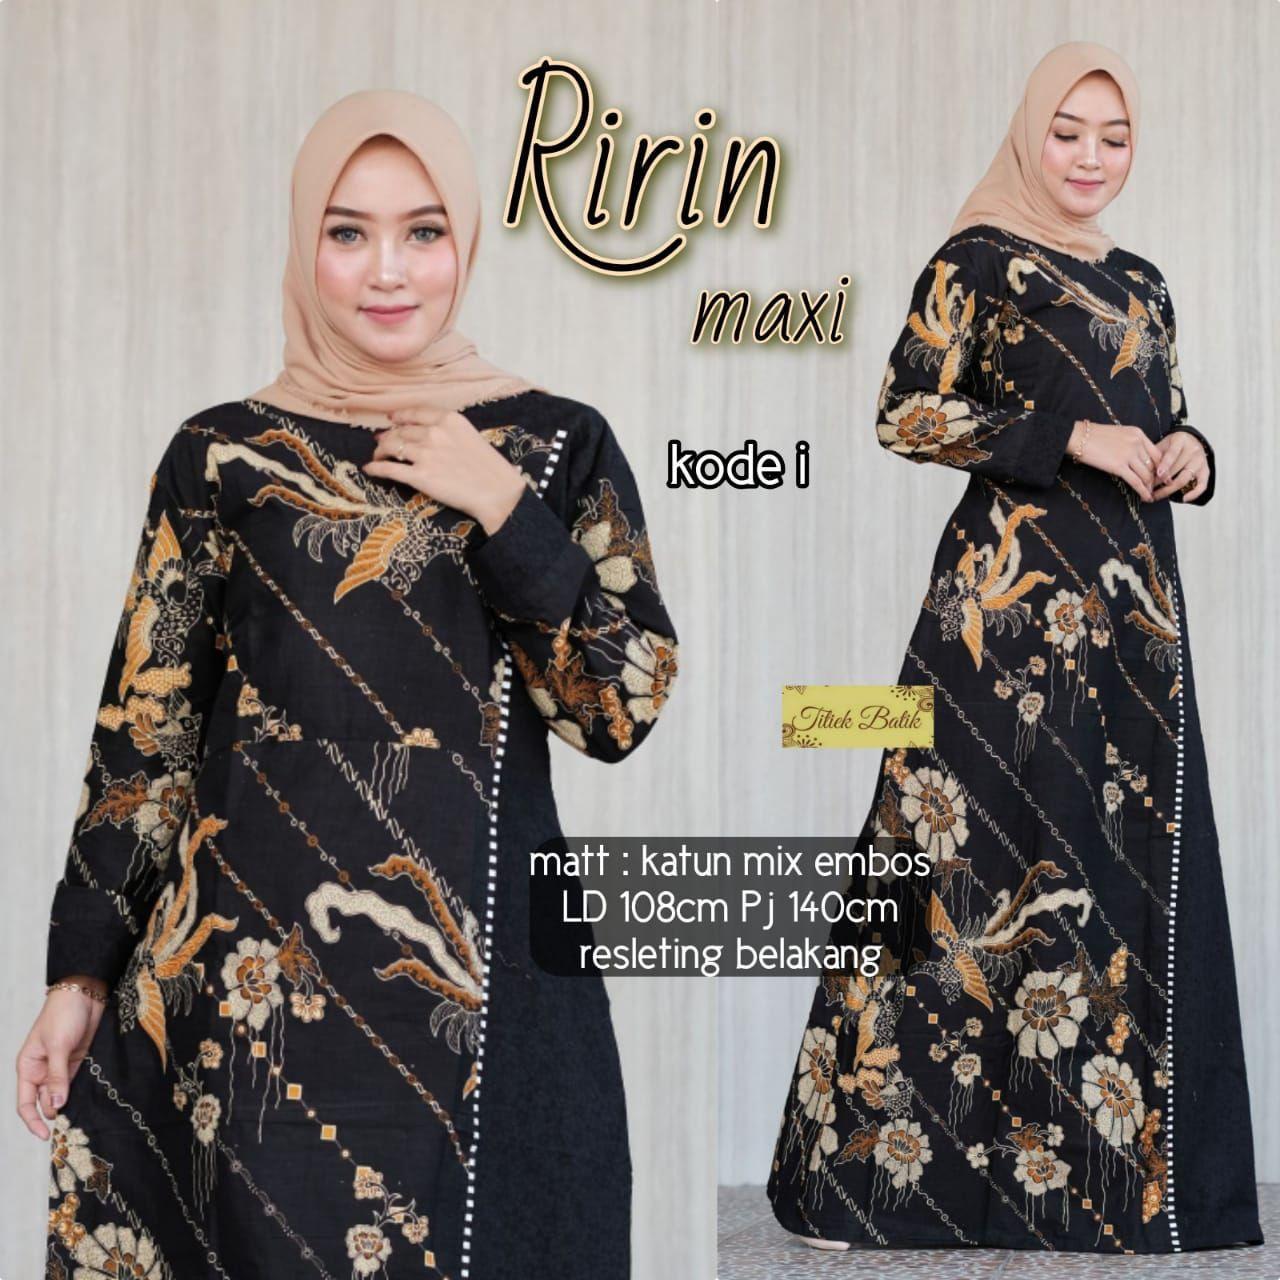 Gamis Batik Jumbo Terbaru Gamis Batik Kombinasi Modern Terbaru Gamis Batik Couple Terbaru Gamis Modern Fashion Muslim Batik Putri Qomary Lazada Indonesia